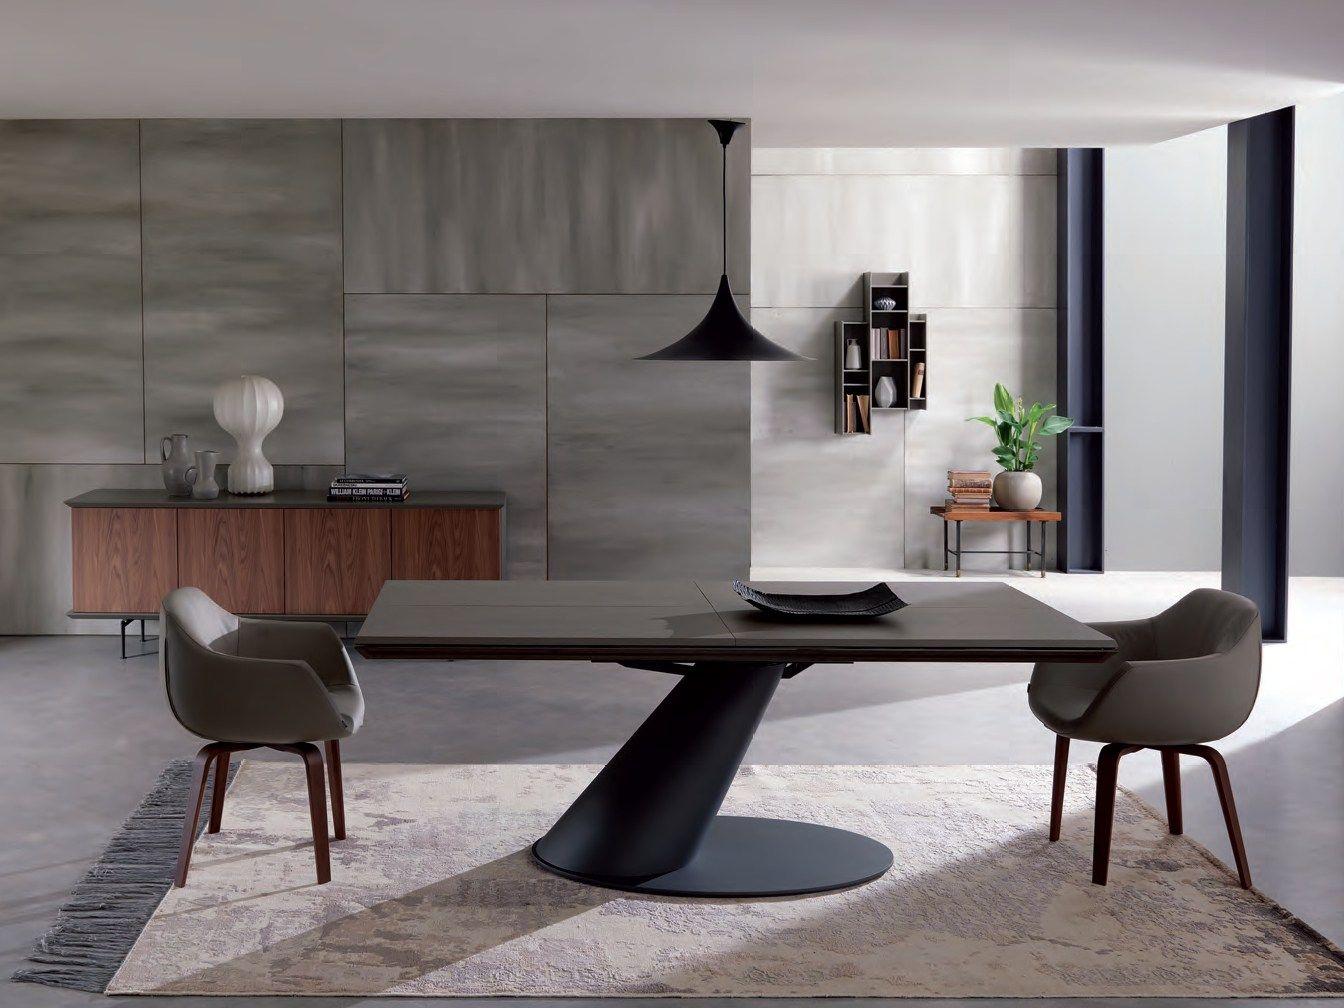 Tavolo cemento ~ Scarica il catalogo e richiedi prezzi di thor tavolo in cemento